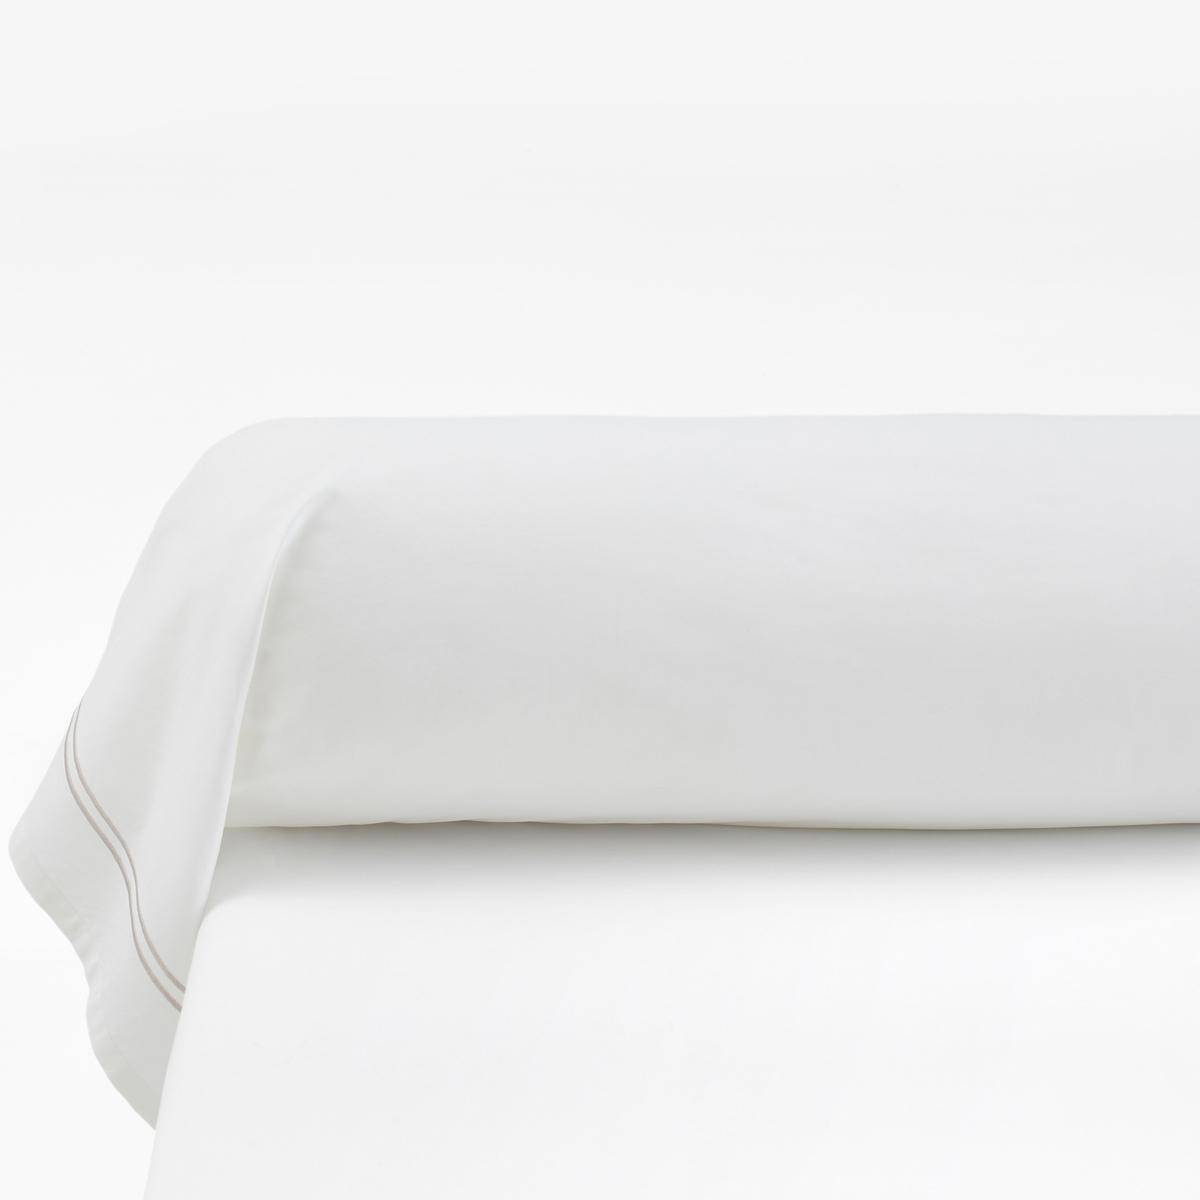 Наволочка на подушку-валик из хлопковой перкали, PalaceХарактеристики наволочек на подушку-валик Palace : - Перкаль, 100% хлопка - настоящий люкс для вашей спальни. Роскошная ткань с очень плотным переплетением нитей (80 нитей/см?), сотканная из длинных хлопковых волокон   . Чем плотнее переплетение нитей/см?, тем выше качество материала.На подушку-валик: двойной кант по краям  .- Машинная стирка при 60°, легко гладить..Знак Oeko-Tex® гарантирует отсутствие вредных для здоровья человека веществ в протестированных и сертифицированных изделиях.Размеры :85 x 185 см : Наволочка на подушку-валик   .Найдите комплект постельного белья по названию Palace<br><br>Цвет: белый,серый/розовая пудра,темно-серый,темно-синий/серый